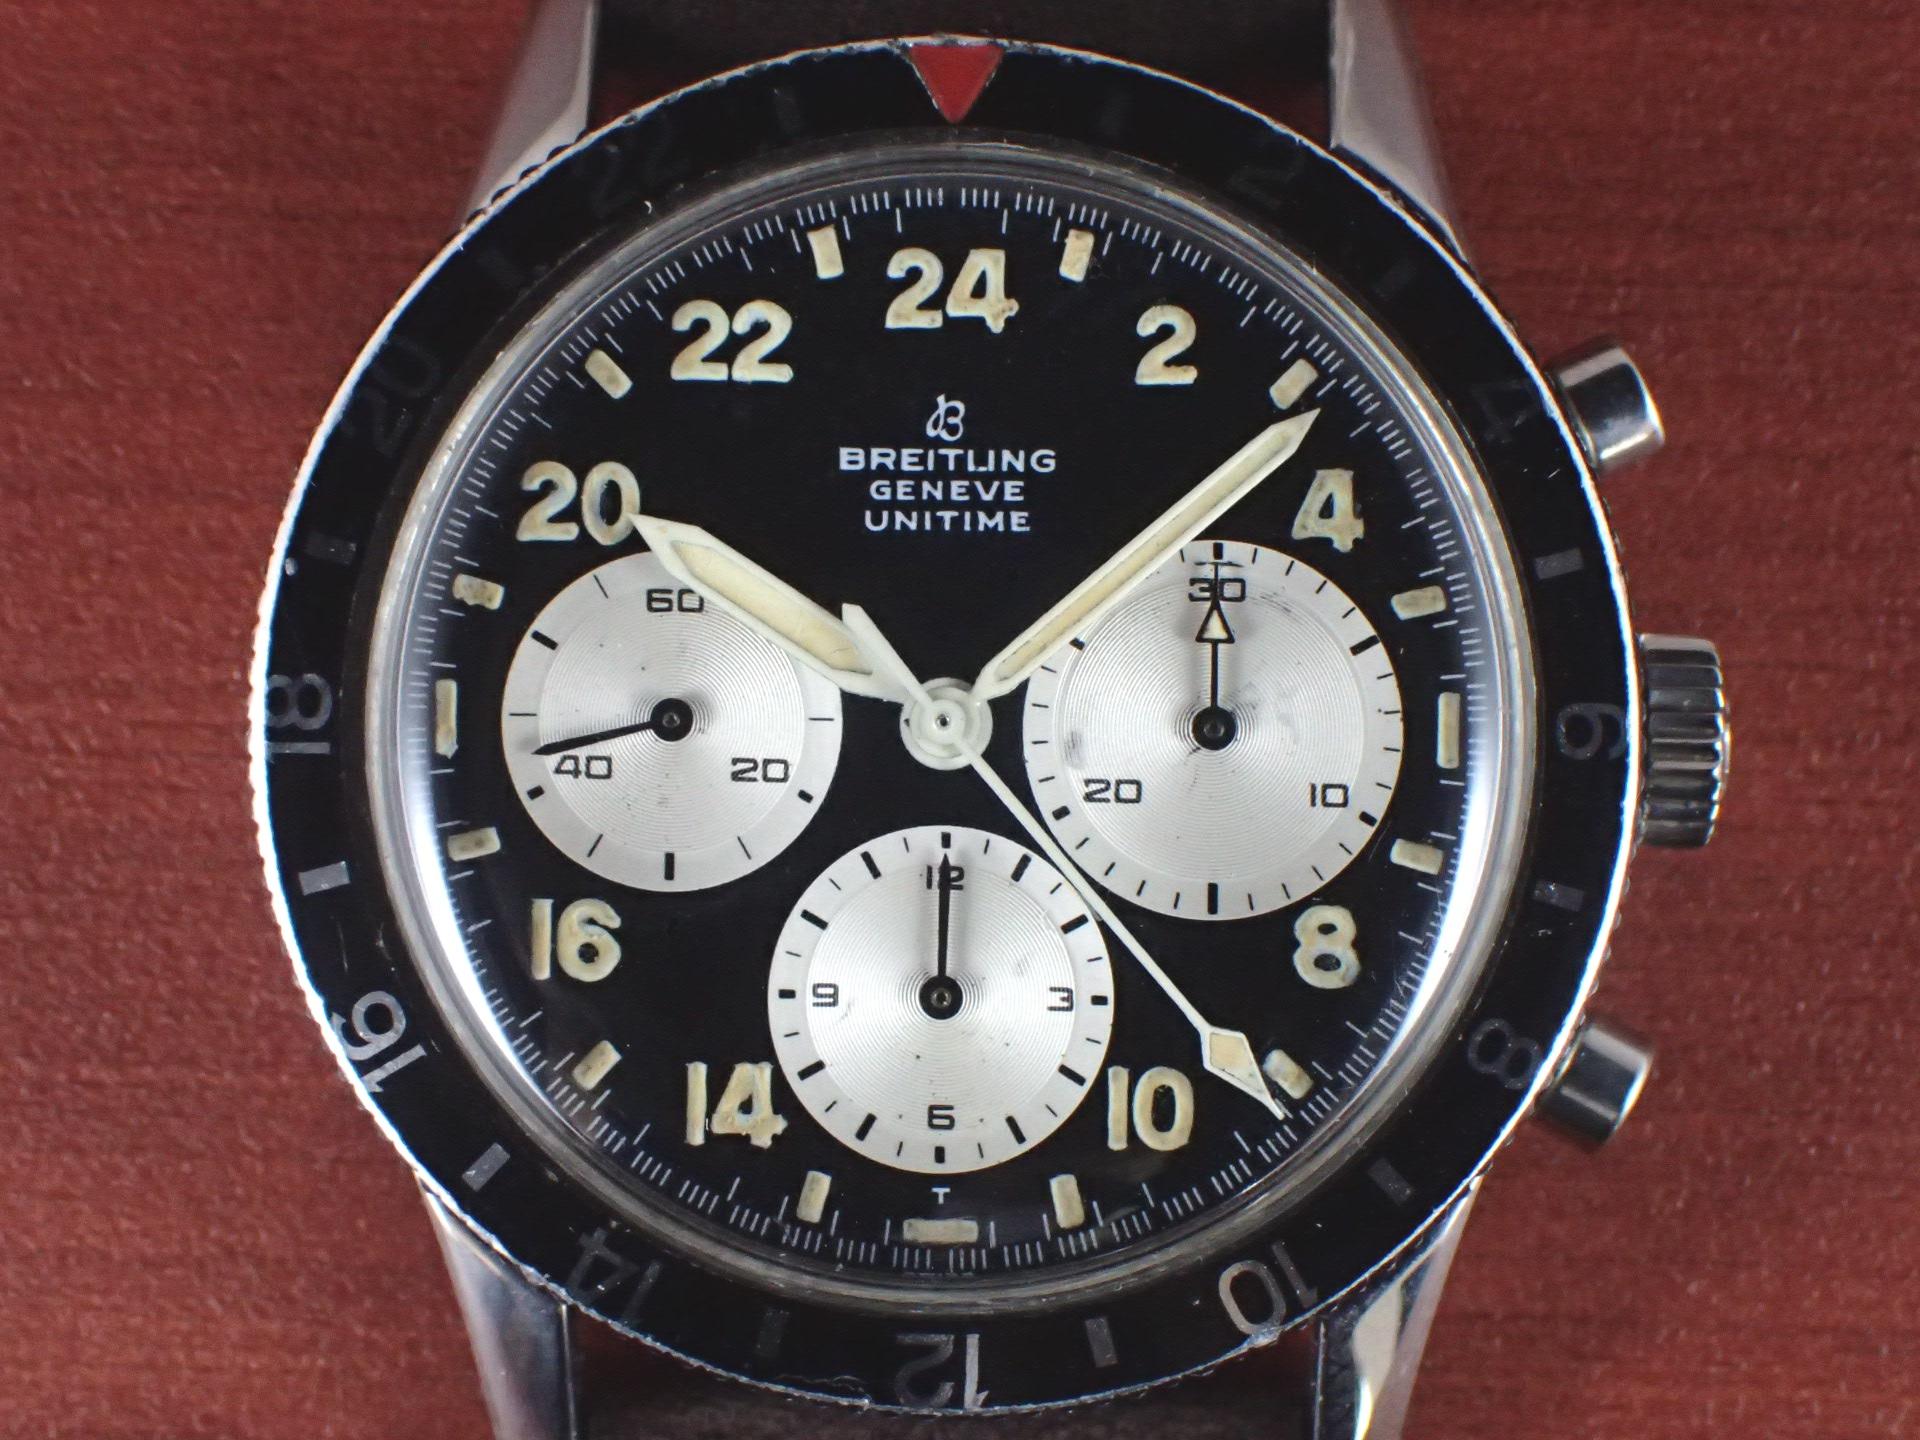 ブライトリング ユニタイム Ref.1765 パイロットウォッチ 1960年代の写真2枚目